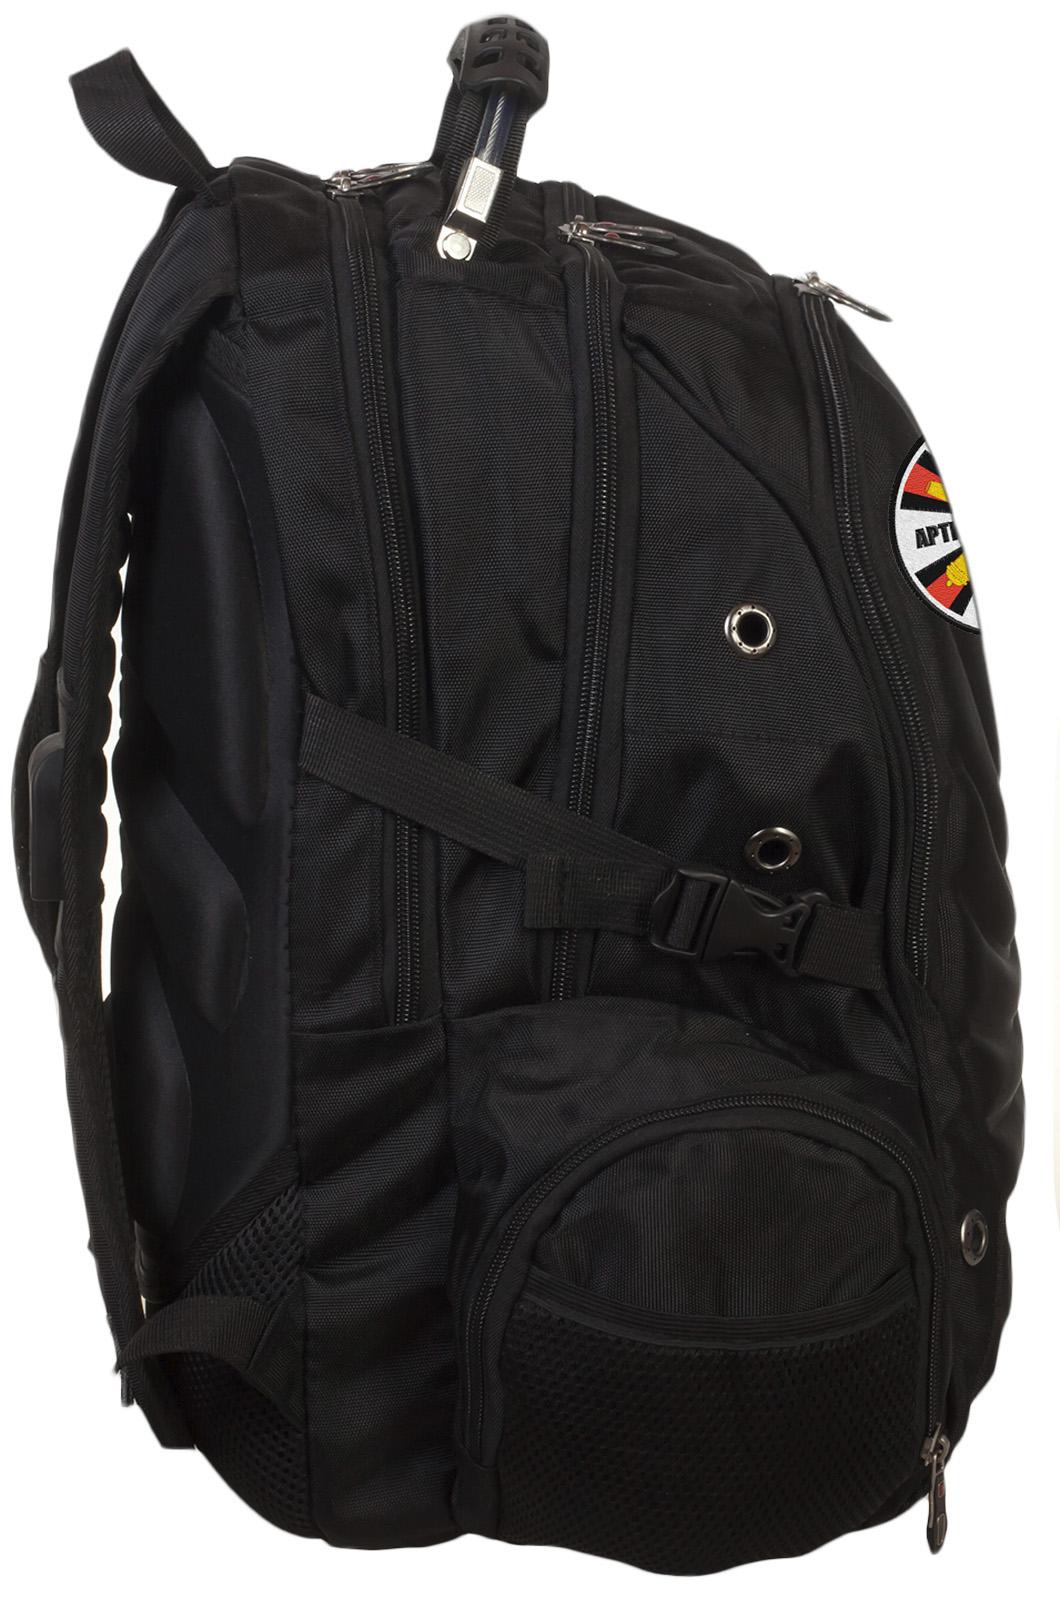 Стильный черный рюкзак с нашивкой РВиА - заказать онлайн